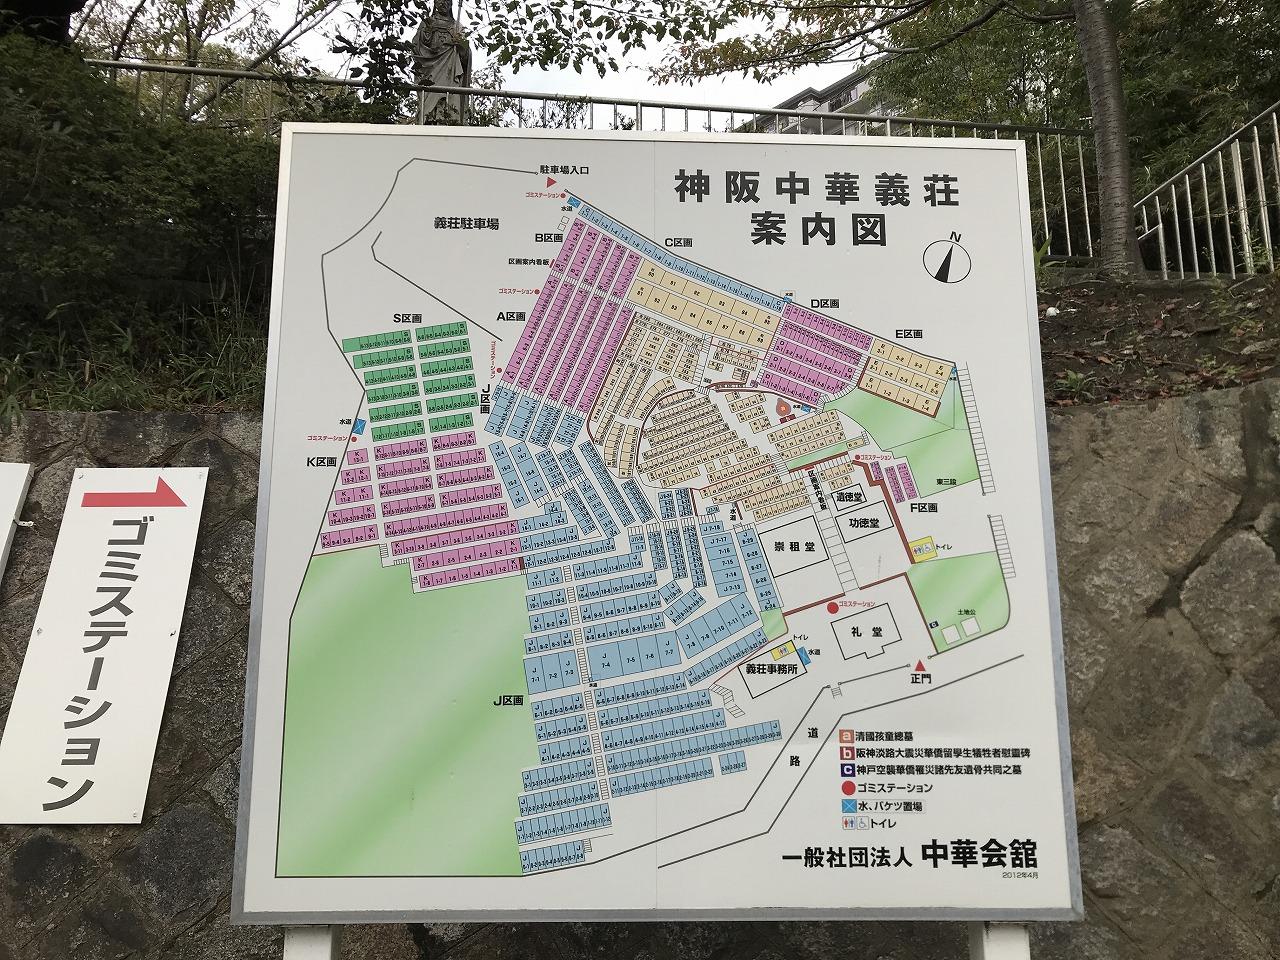 中華義荘(神戸市長田区)の案内図